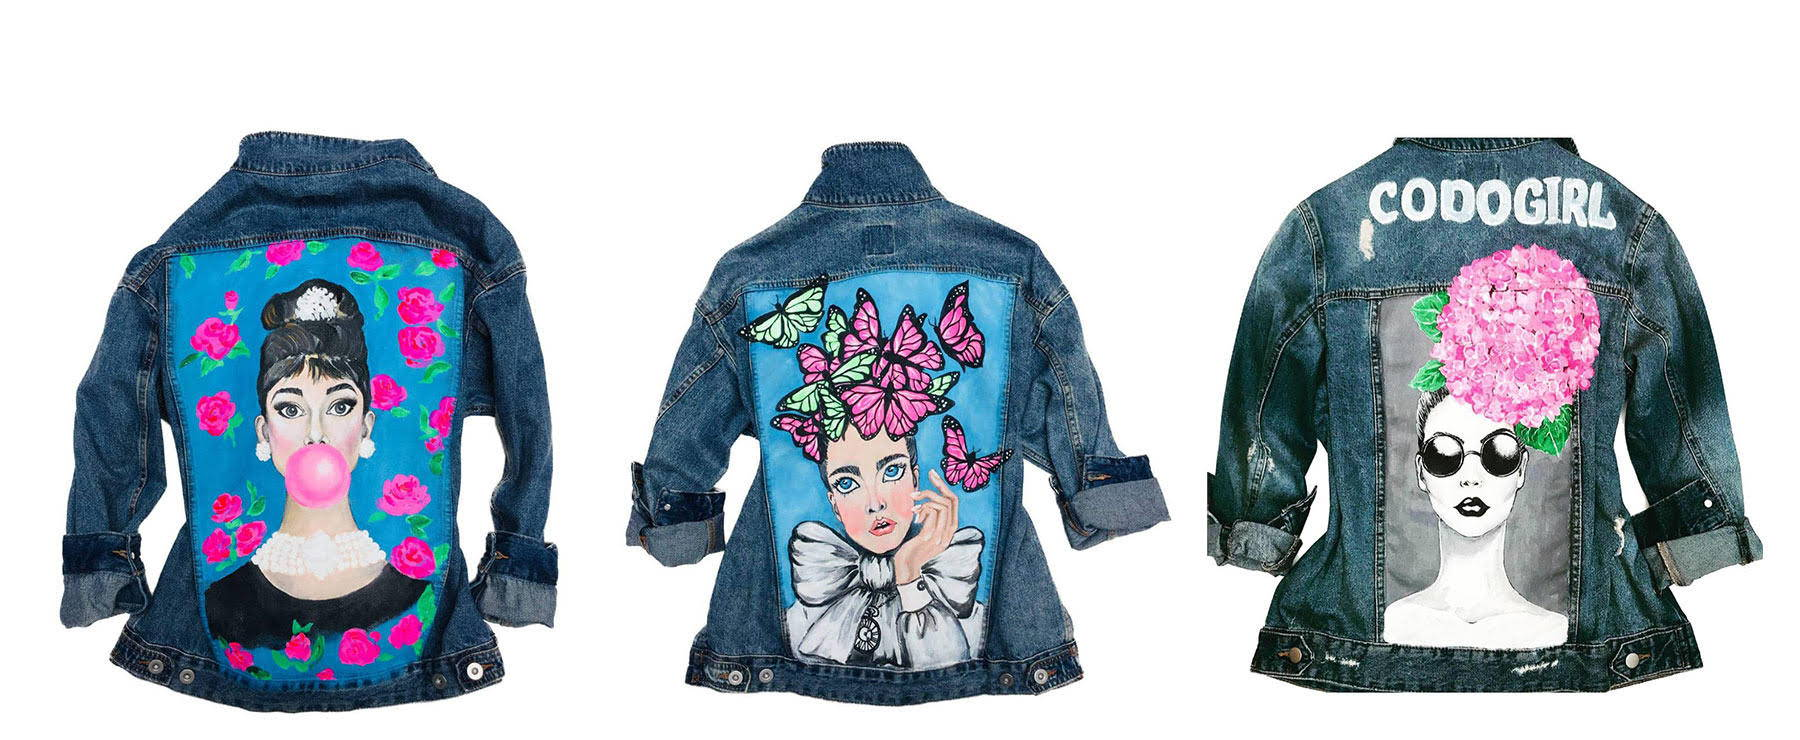 Refashioned denim jackets